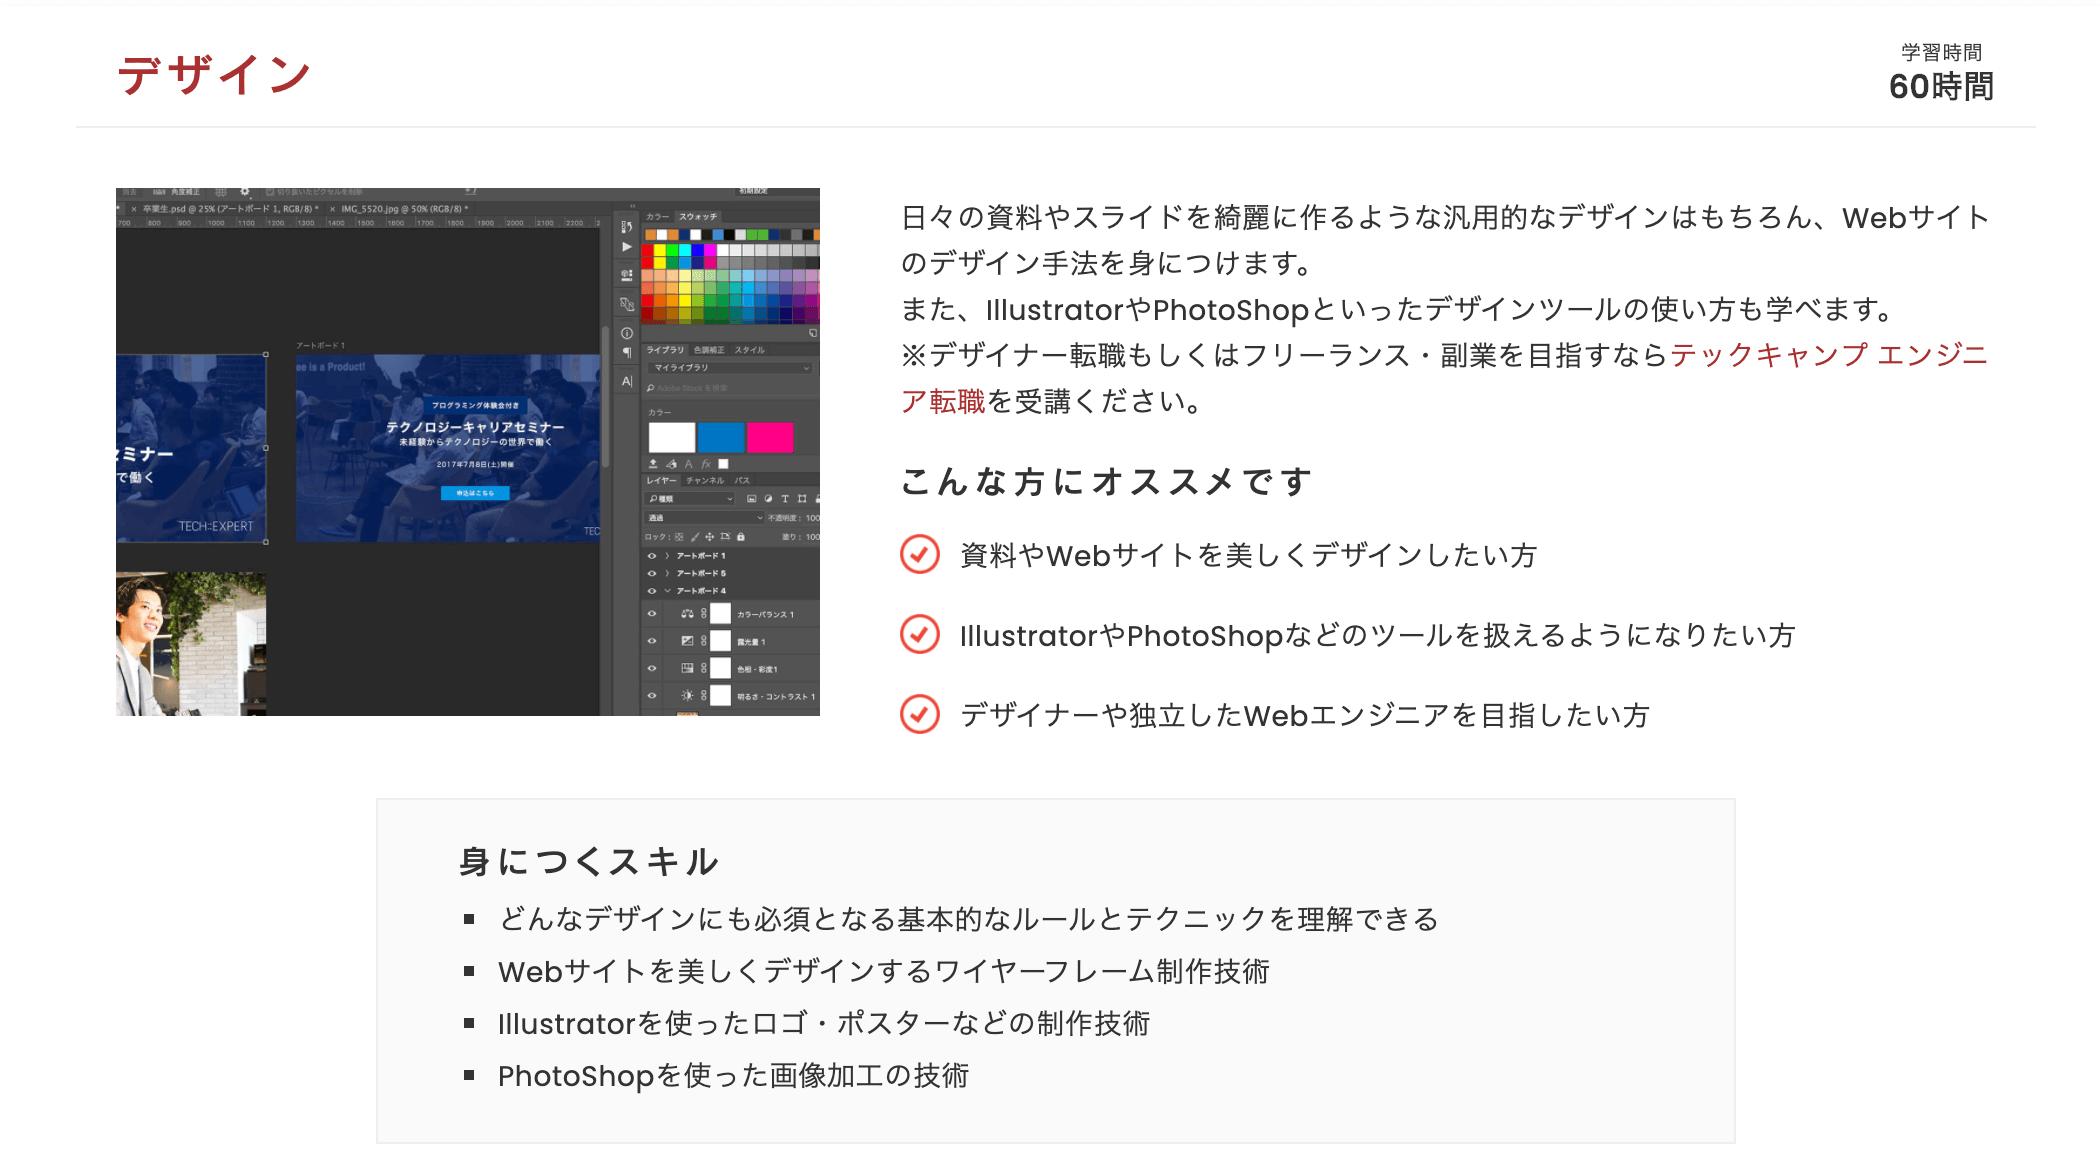 プログラミング教養 デザイン